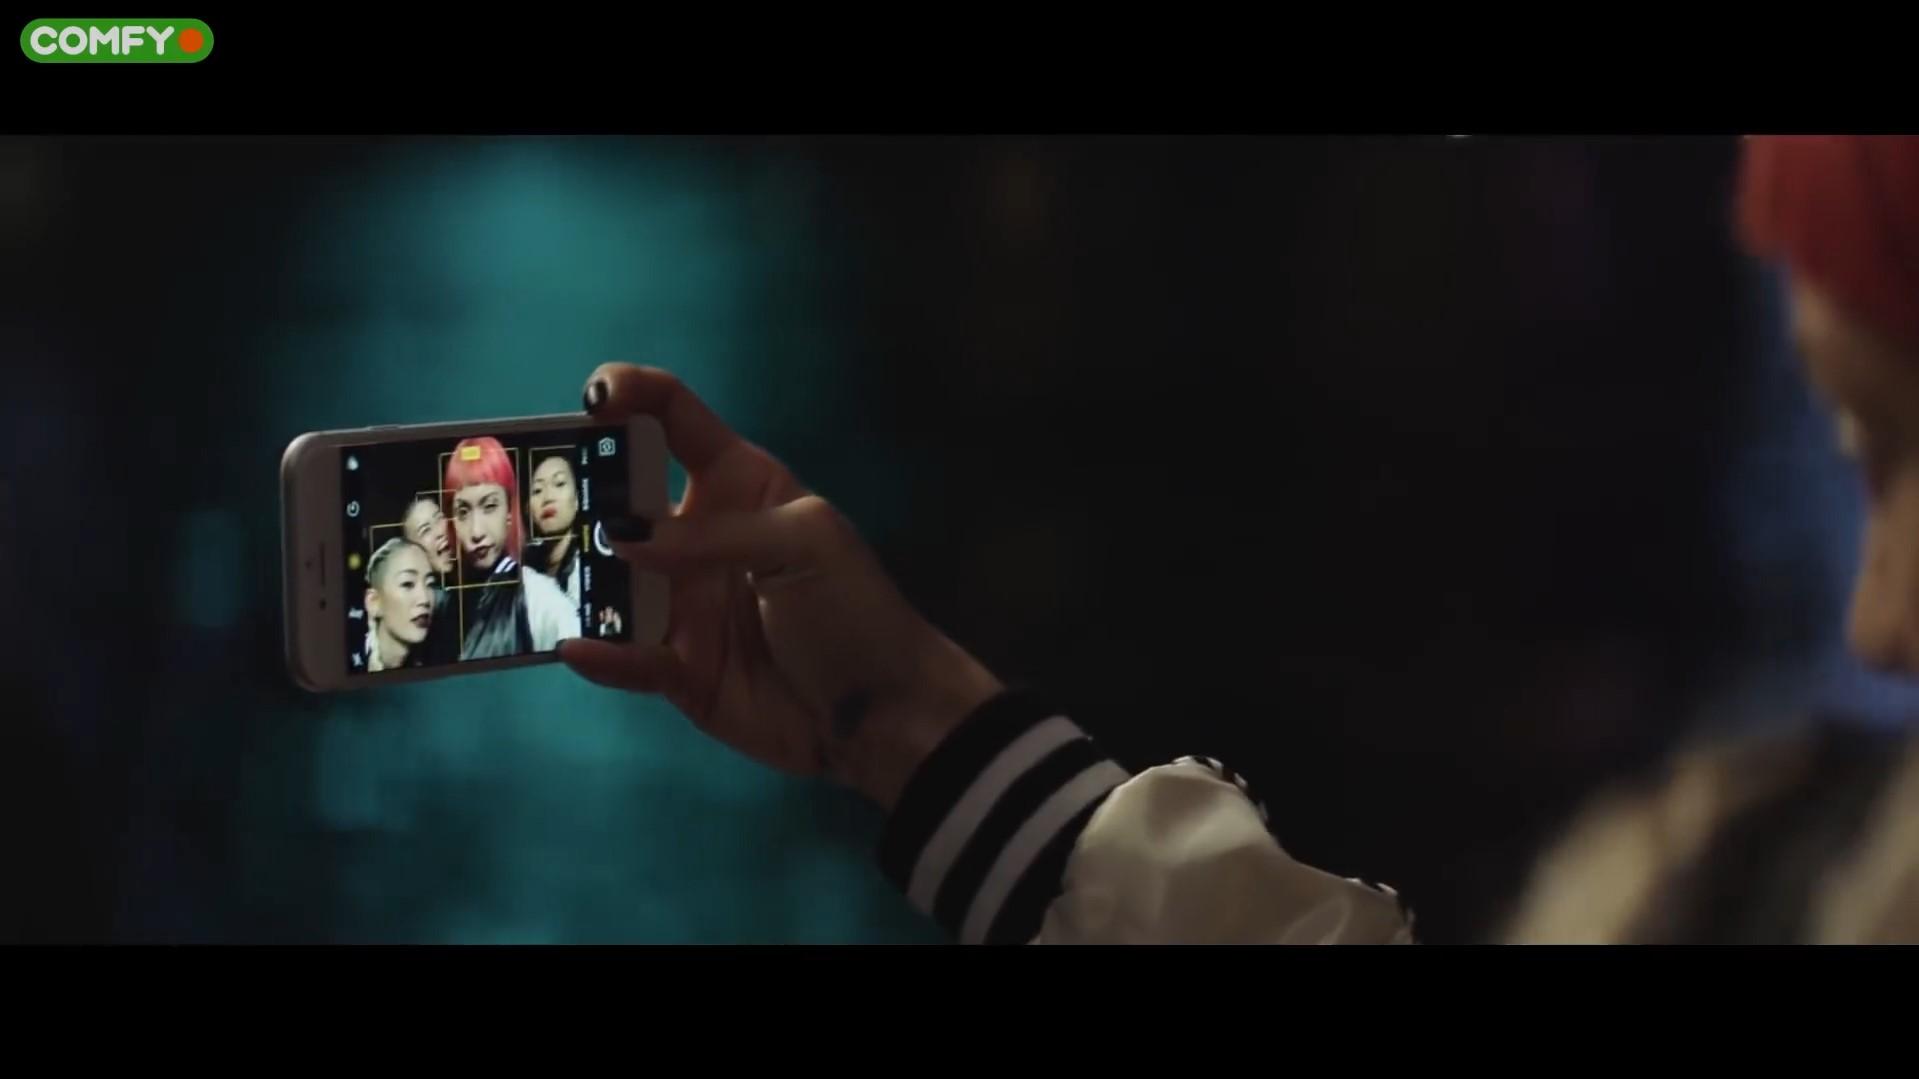 Смартфон изнутри Камера. Часть первая 2г